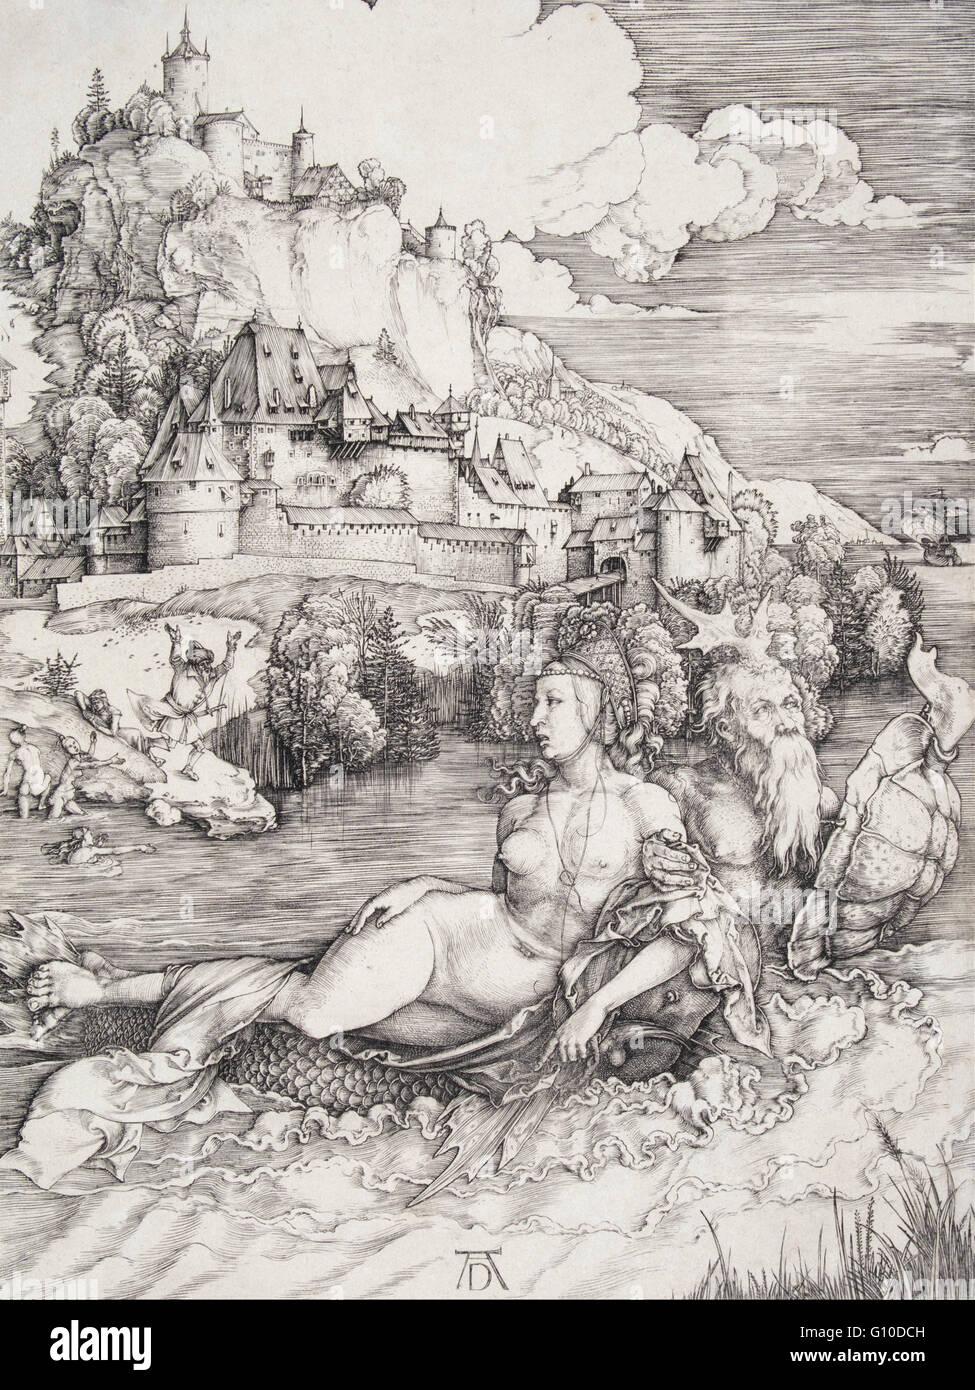 Albrecht Durer - The Sea Monster   - University of Michigan Museum of Art - Stock Image